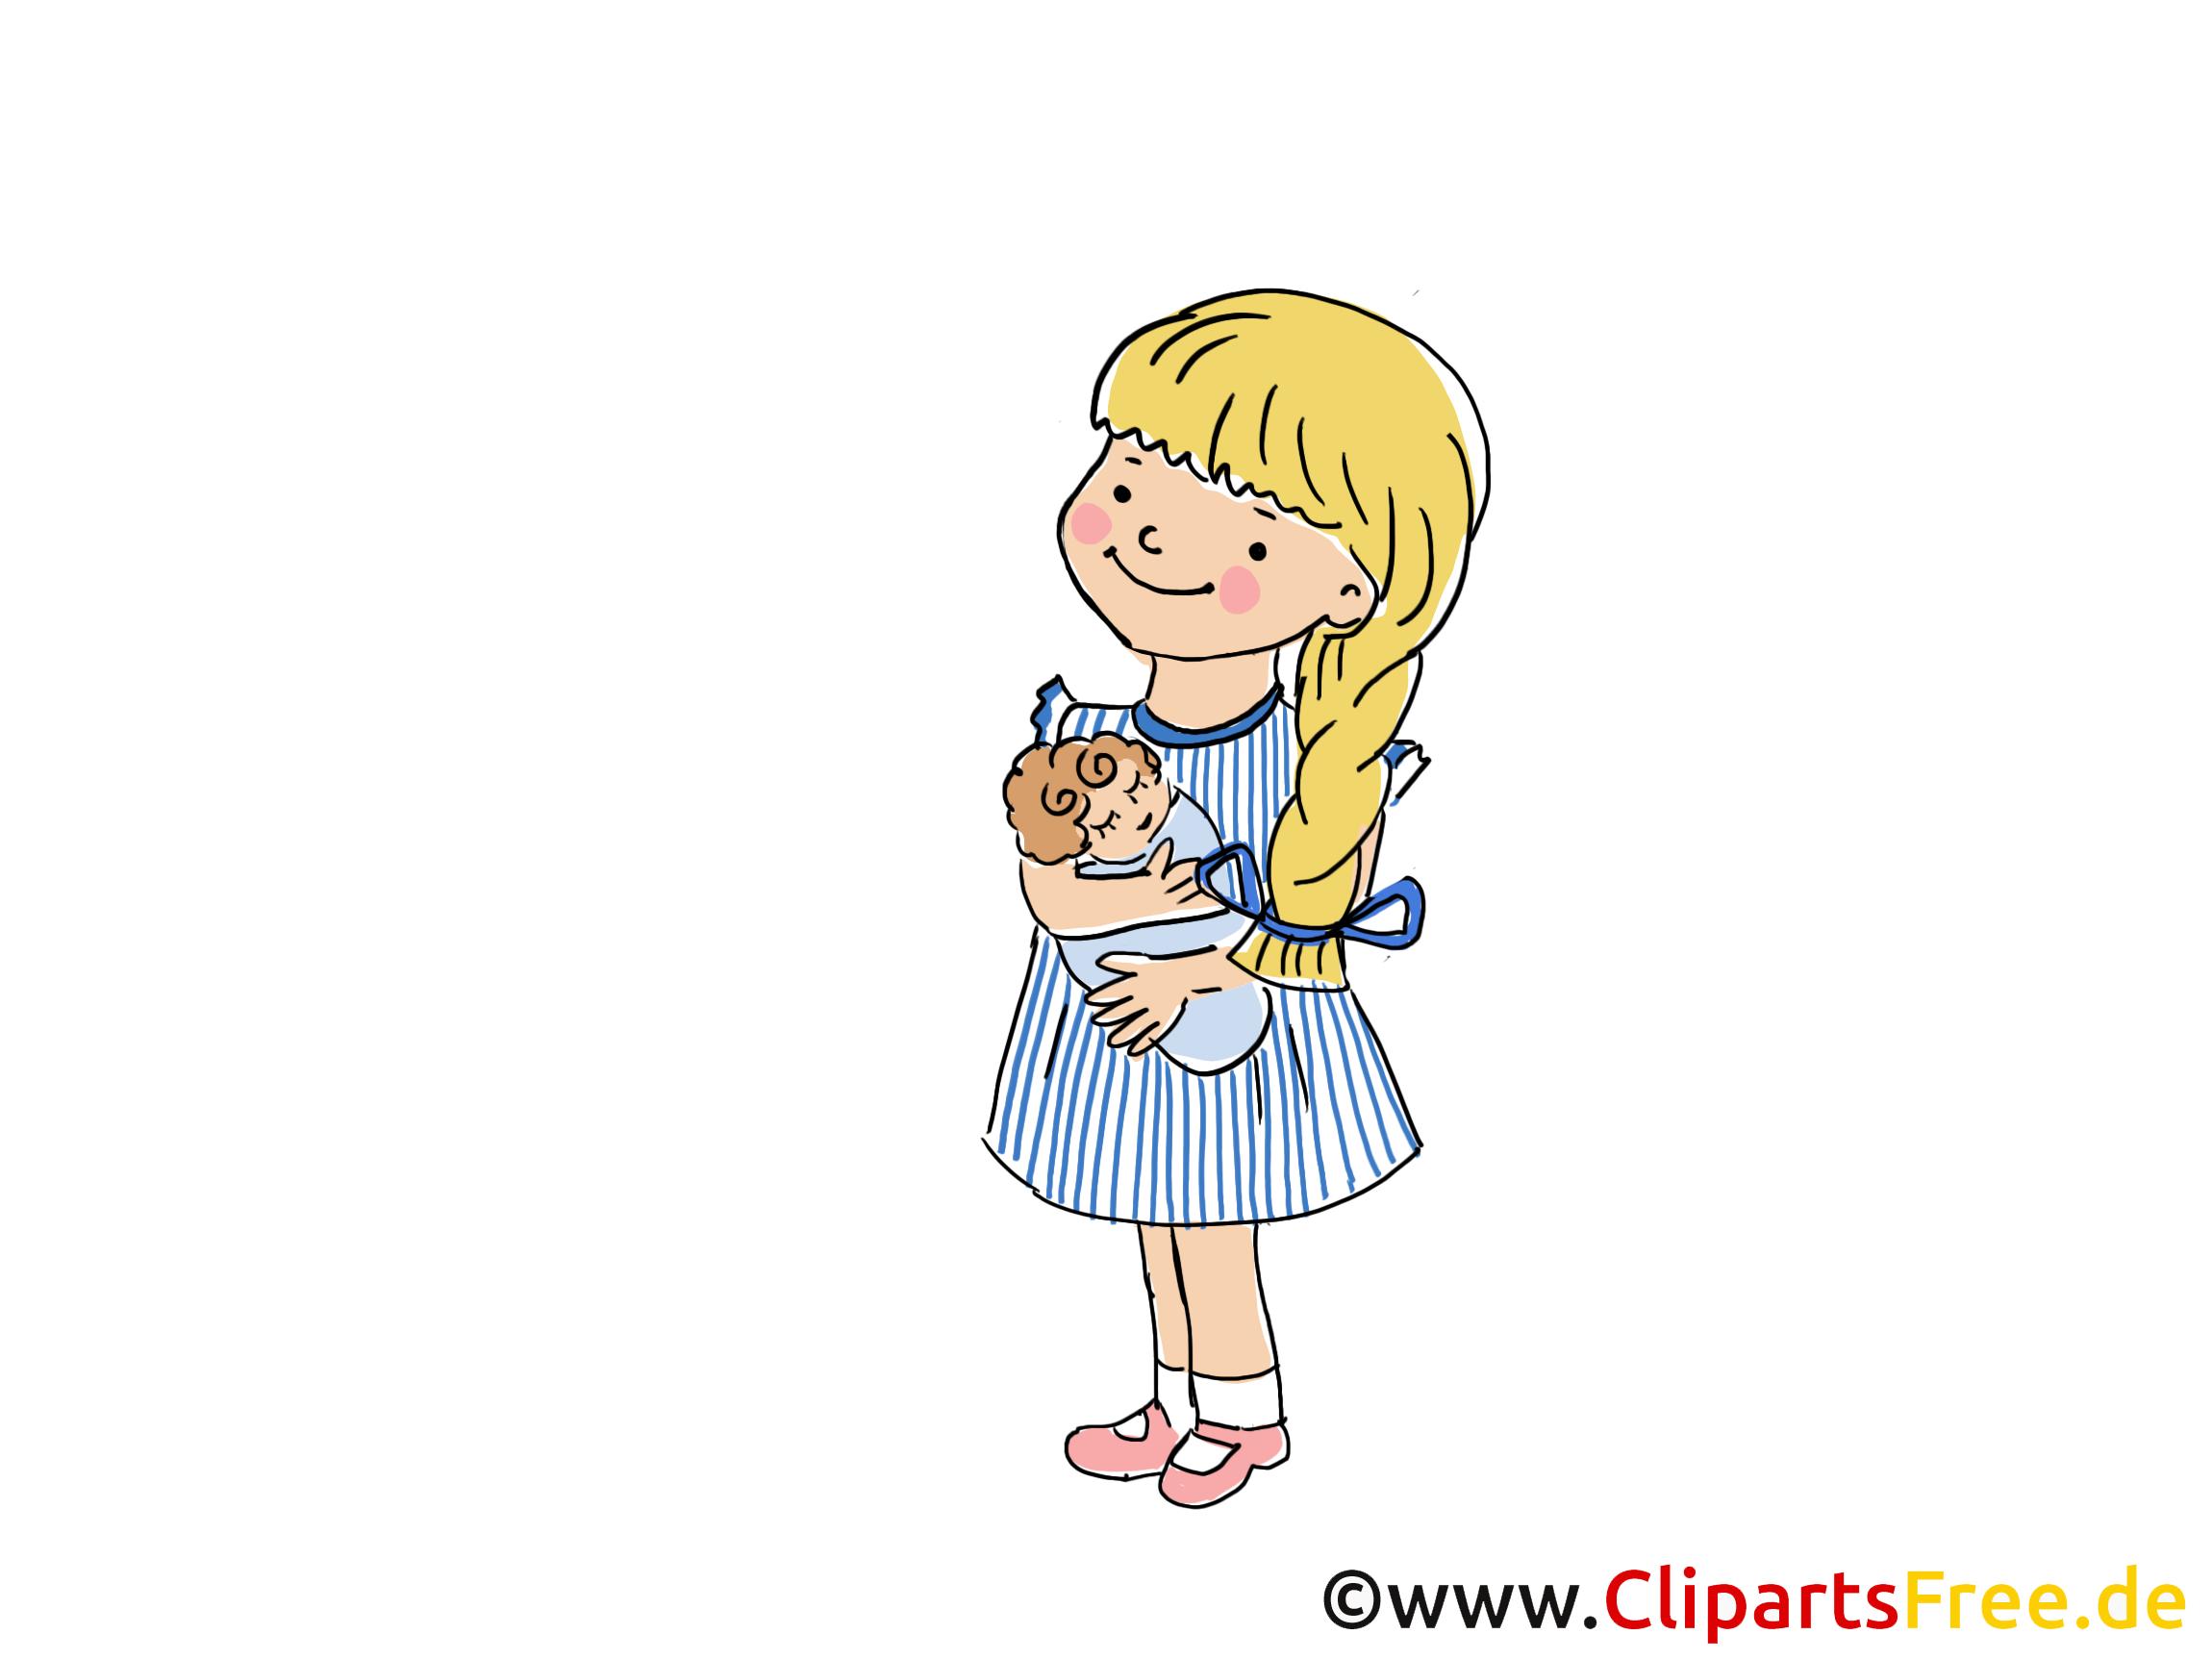 Kleines Mädchen Clipart